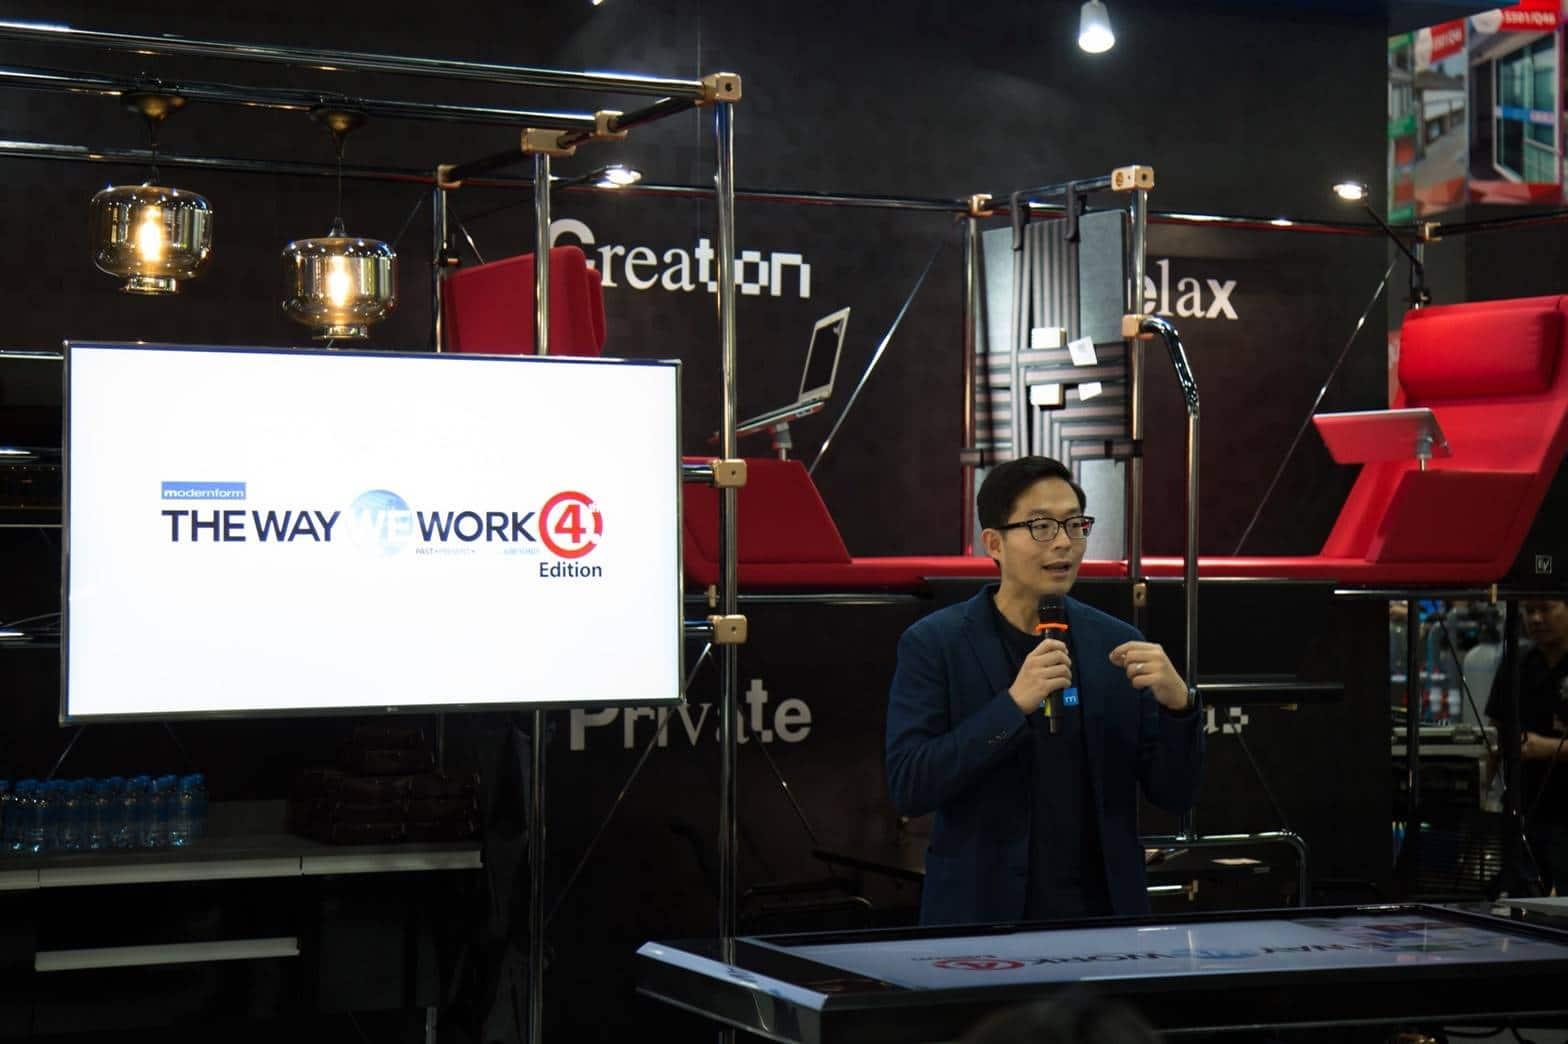 โมเดอร์นฟอร์มผนึกExzy เปิดตัว CoCreation  นวัตกรรมสำนักงานตอบรับสไตล์คนรุ่นใหม่   Prop2Morrow บ้าน คอนโด ข่าวอสังหาฯ